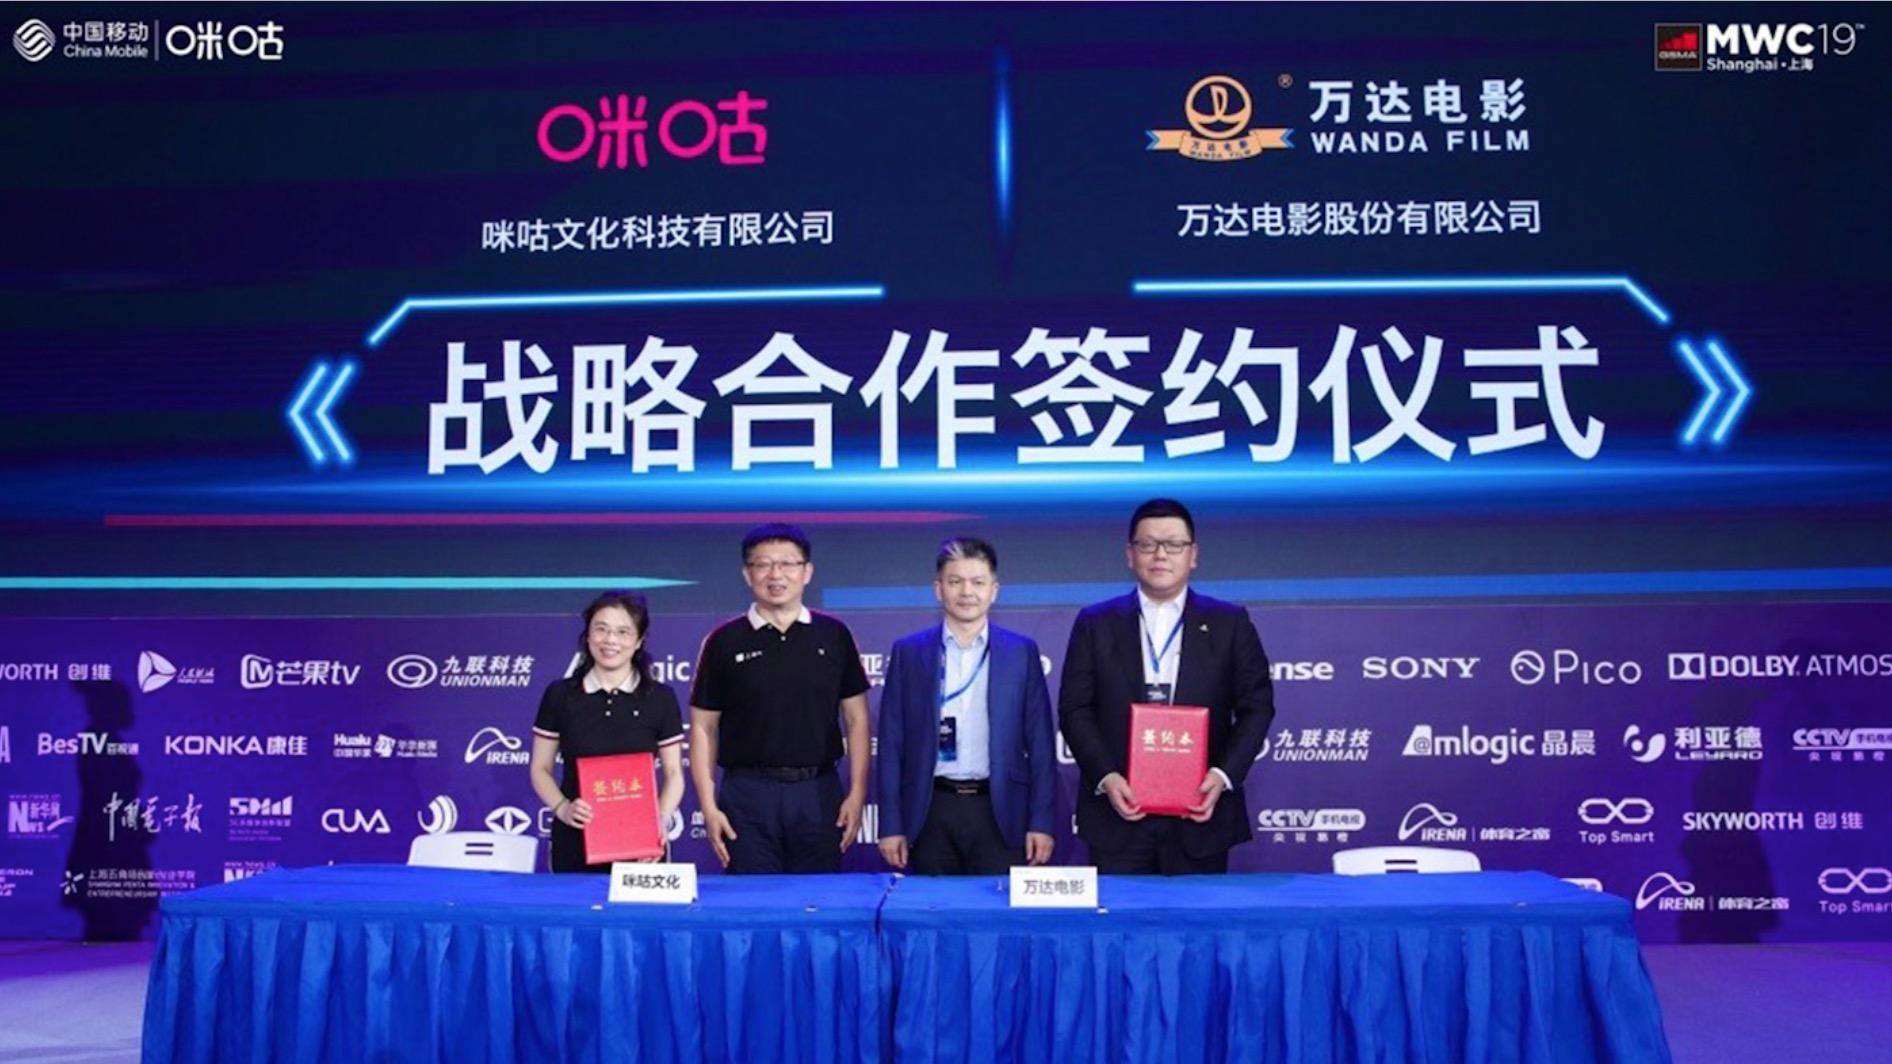 万达电影与中国移动咪咕签署战略合作协议